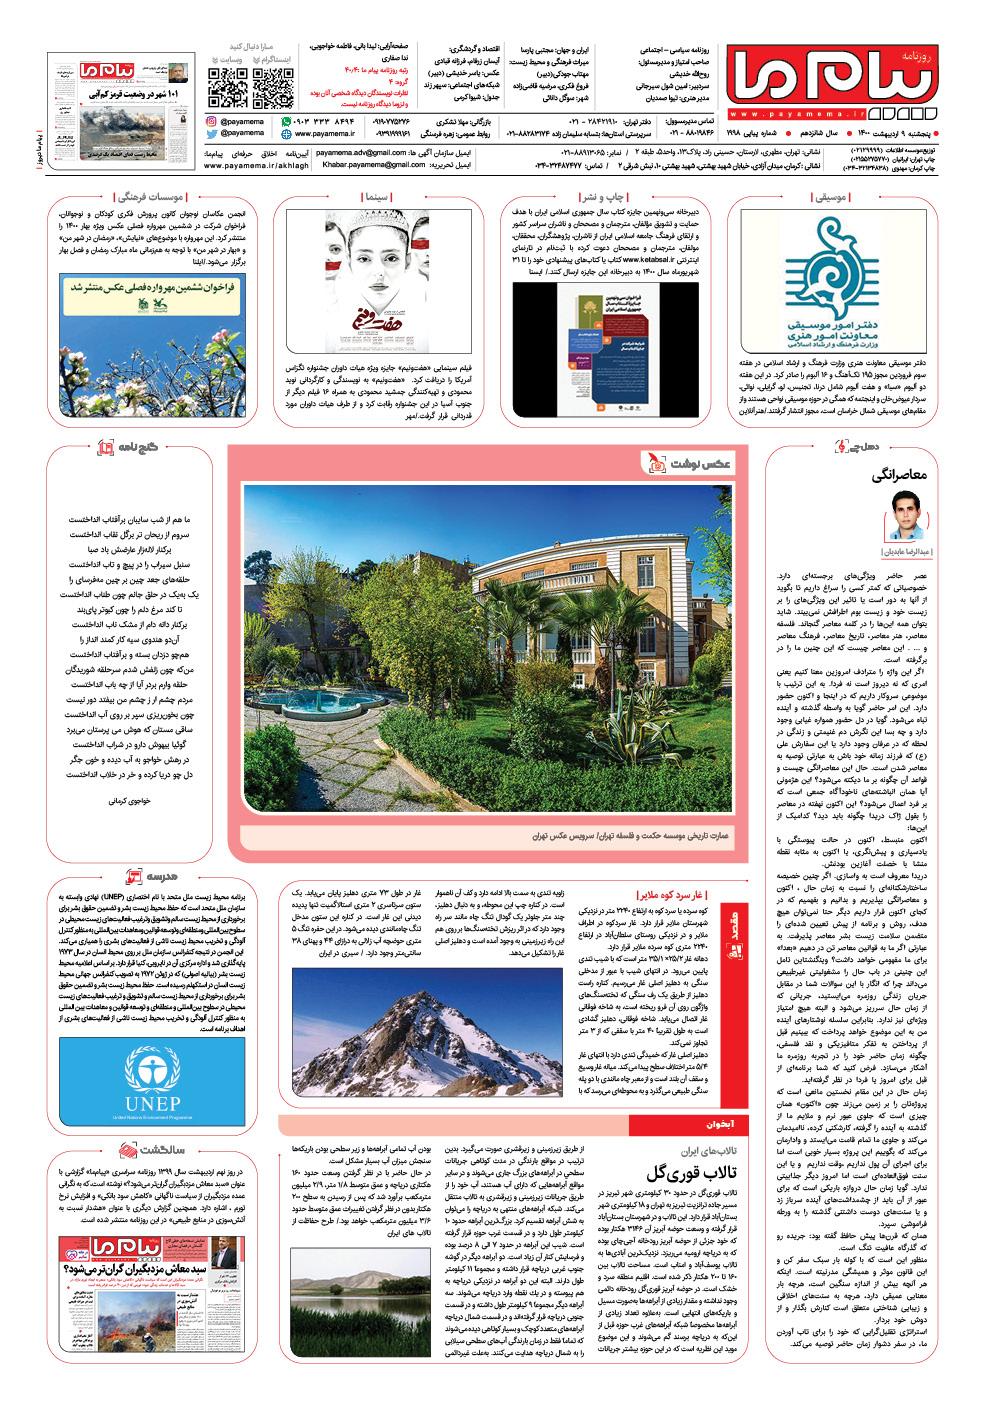 صفحه آخر شماره ۱۹۹۸ روزنامه پیام ما